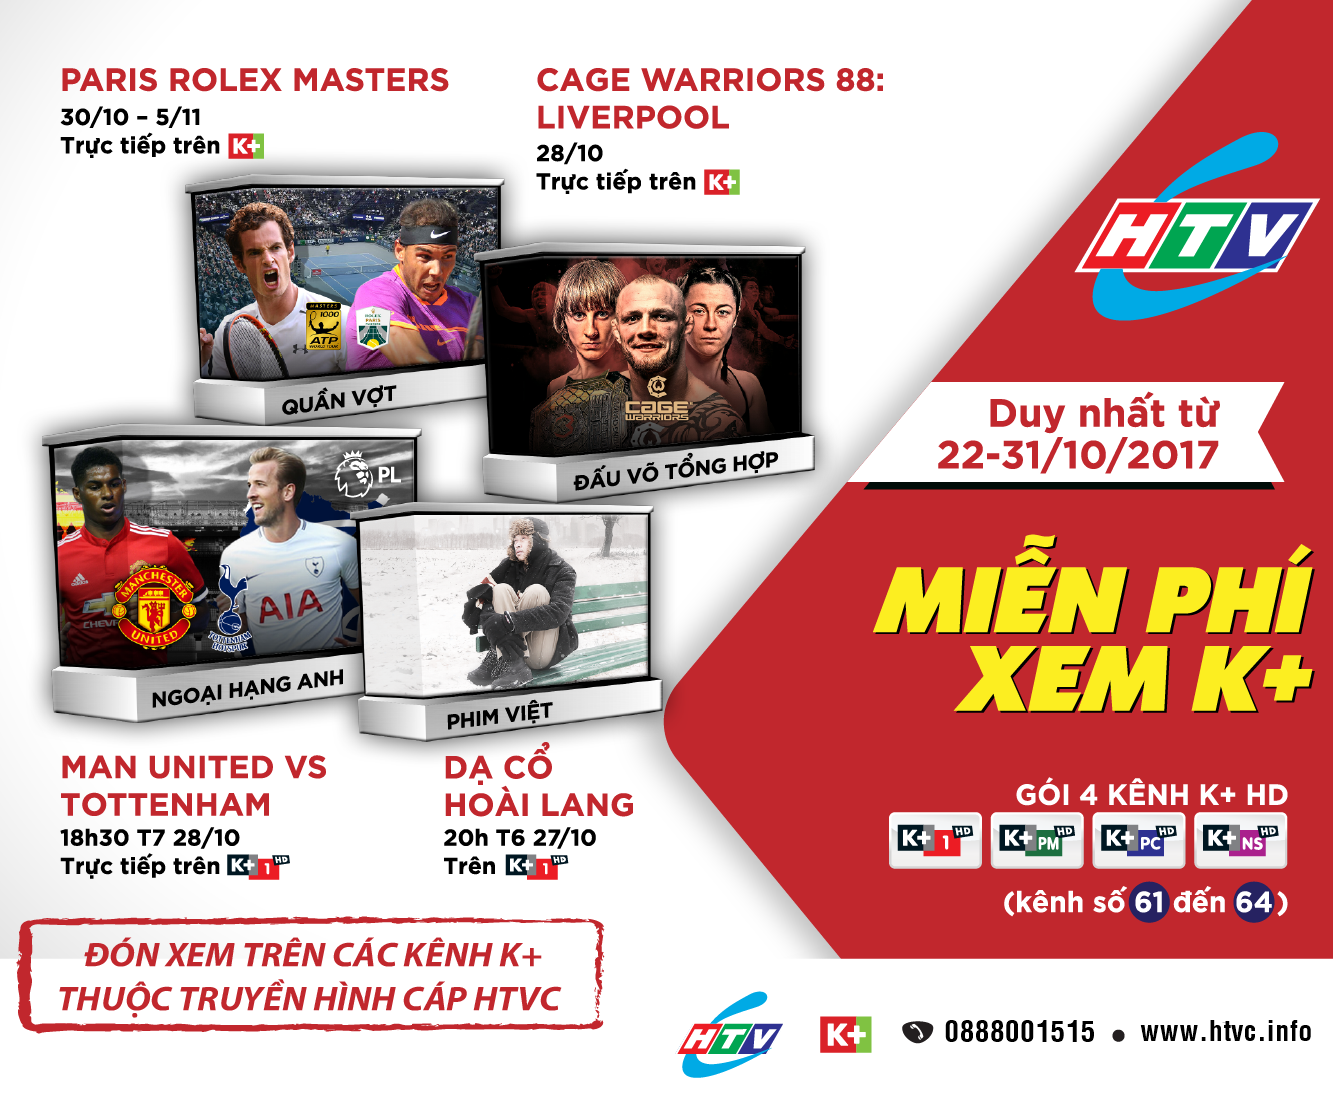 Truyền hình K+ trên HTVC